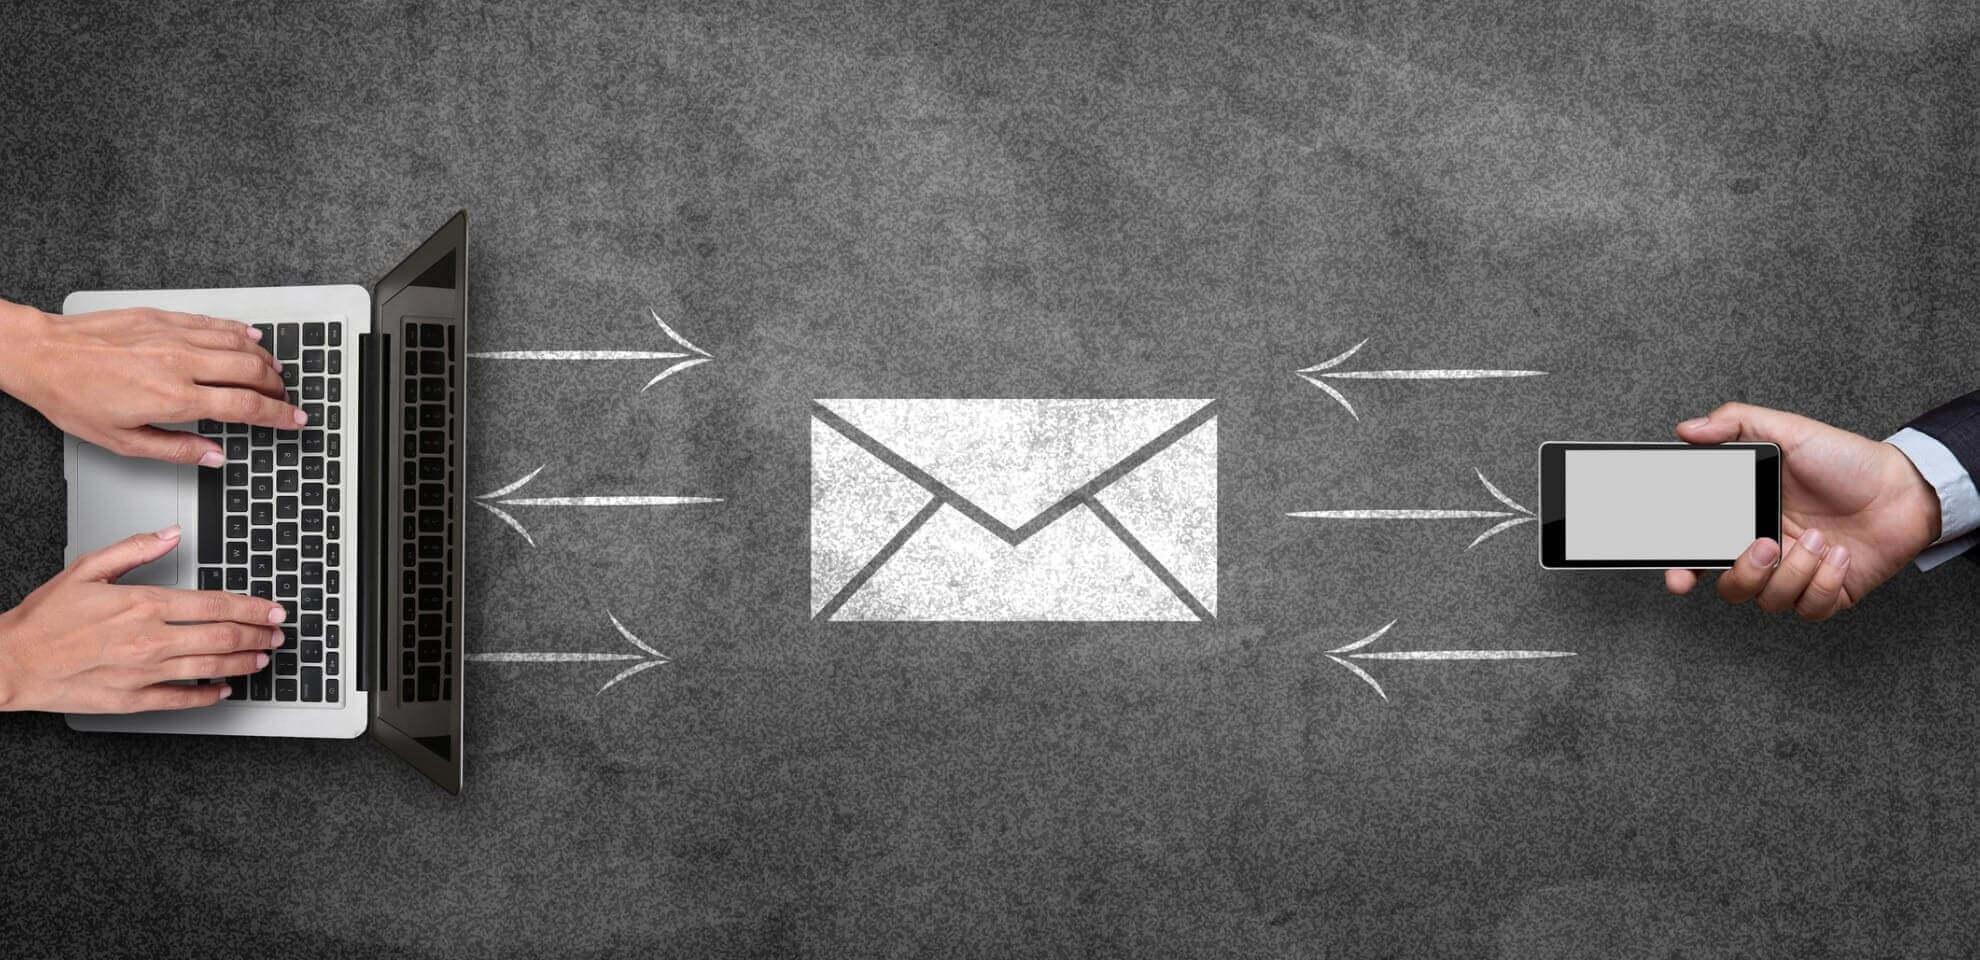 شروع ایمیل مارکتینگ - روشی موثر در استراتژی بازاریابی محتوا